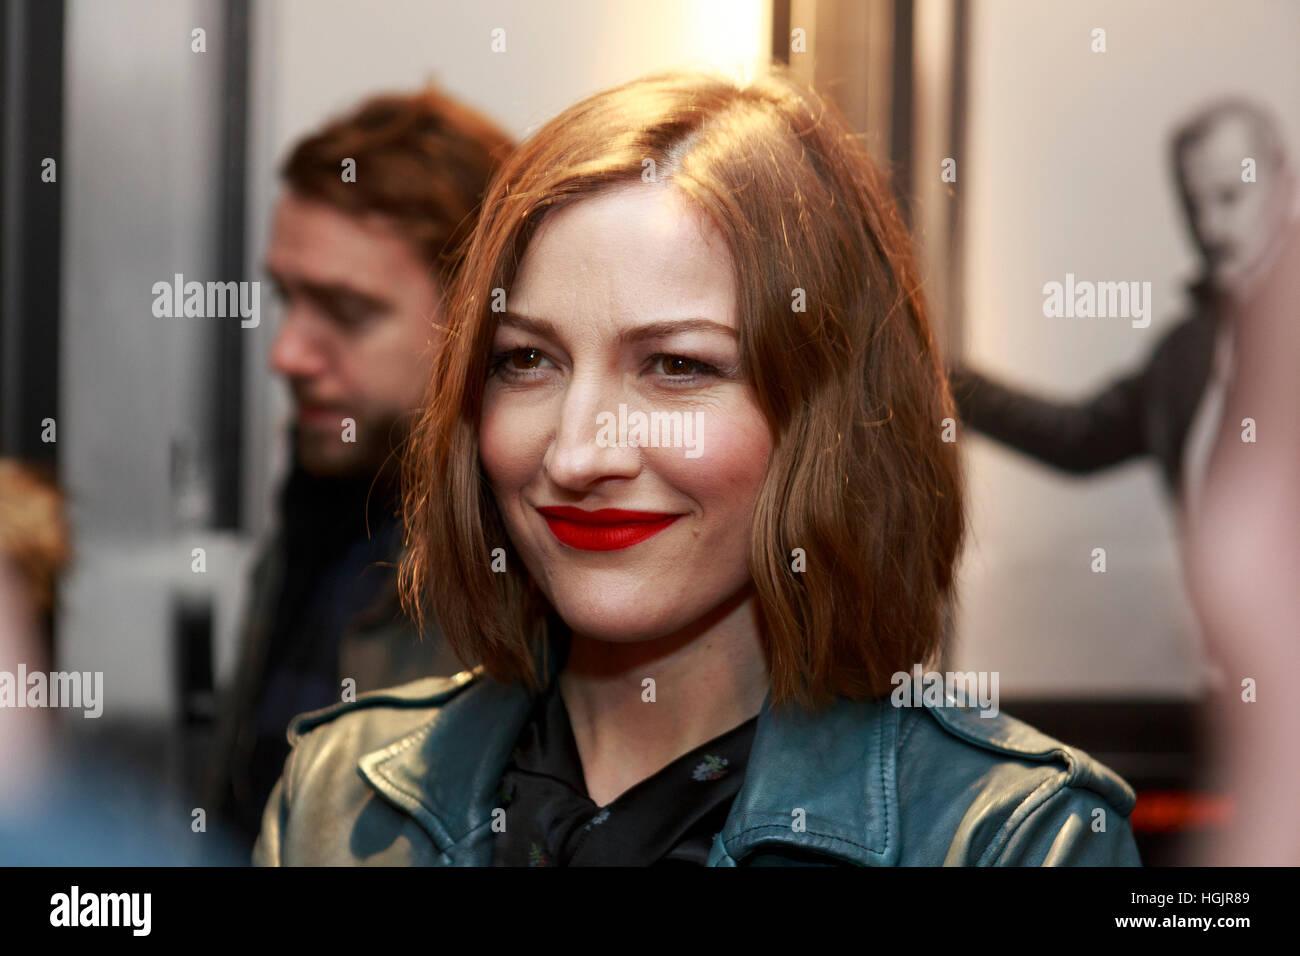 Edimburgo, Reino Unido. El 22 de enero, 2017. T2 Trainspotting premiere en Edimburgo Cineworld. Escocia. Foto de Imagen De Stock